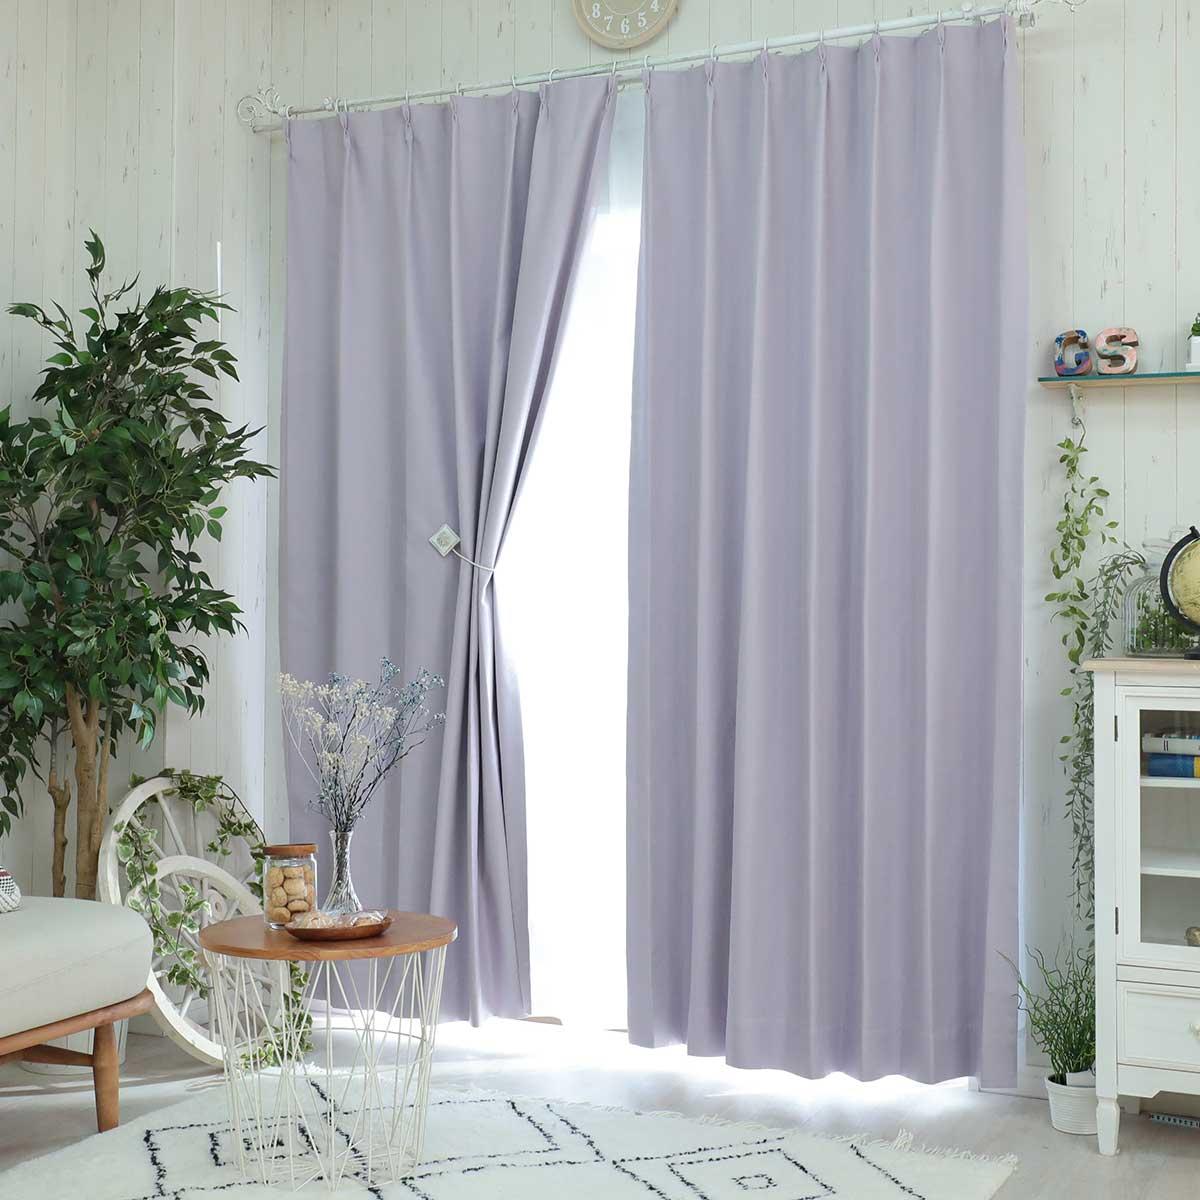 完全遮光・防音・遮熱・形状記憶加工。丈つめ無料の既製カーテン